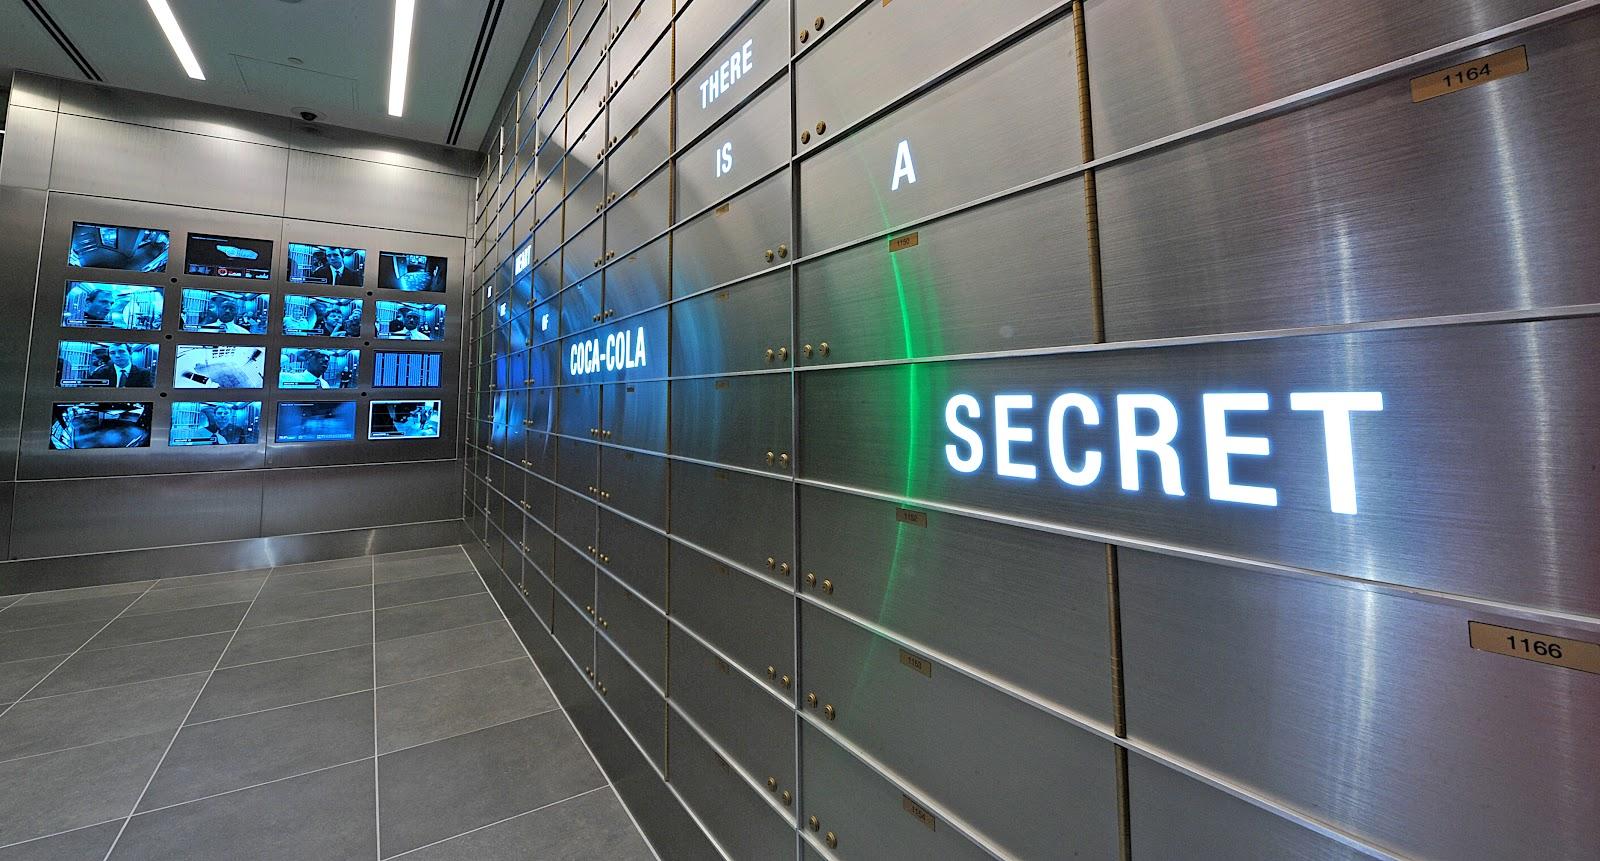 World of coca cola inside the vault of the secret formula for Vault of secrets